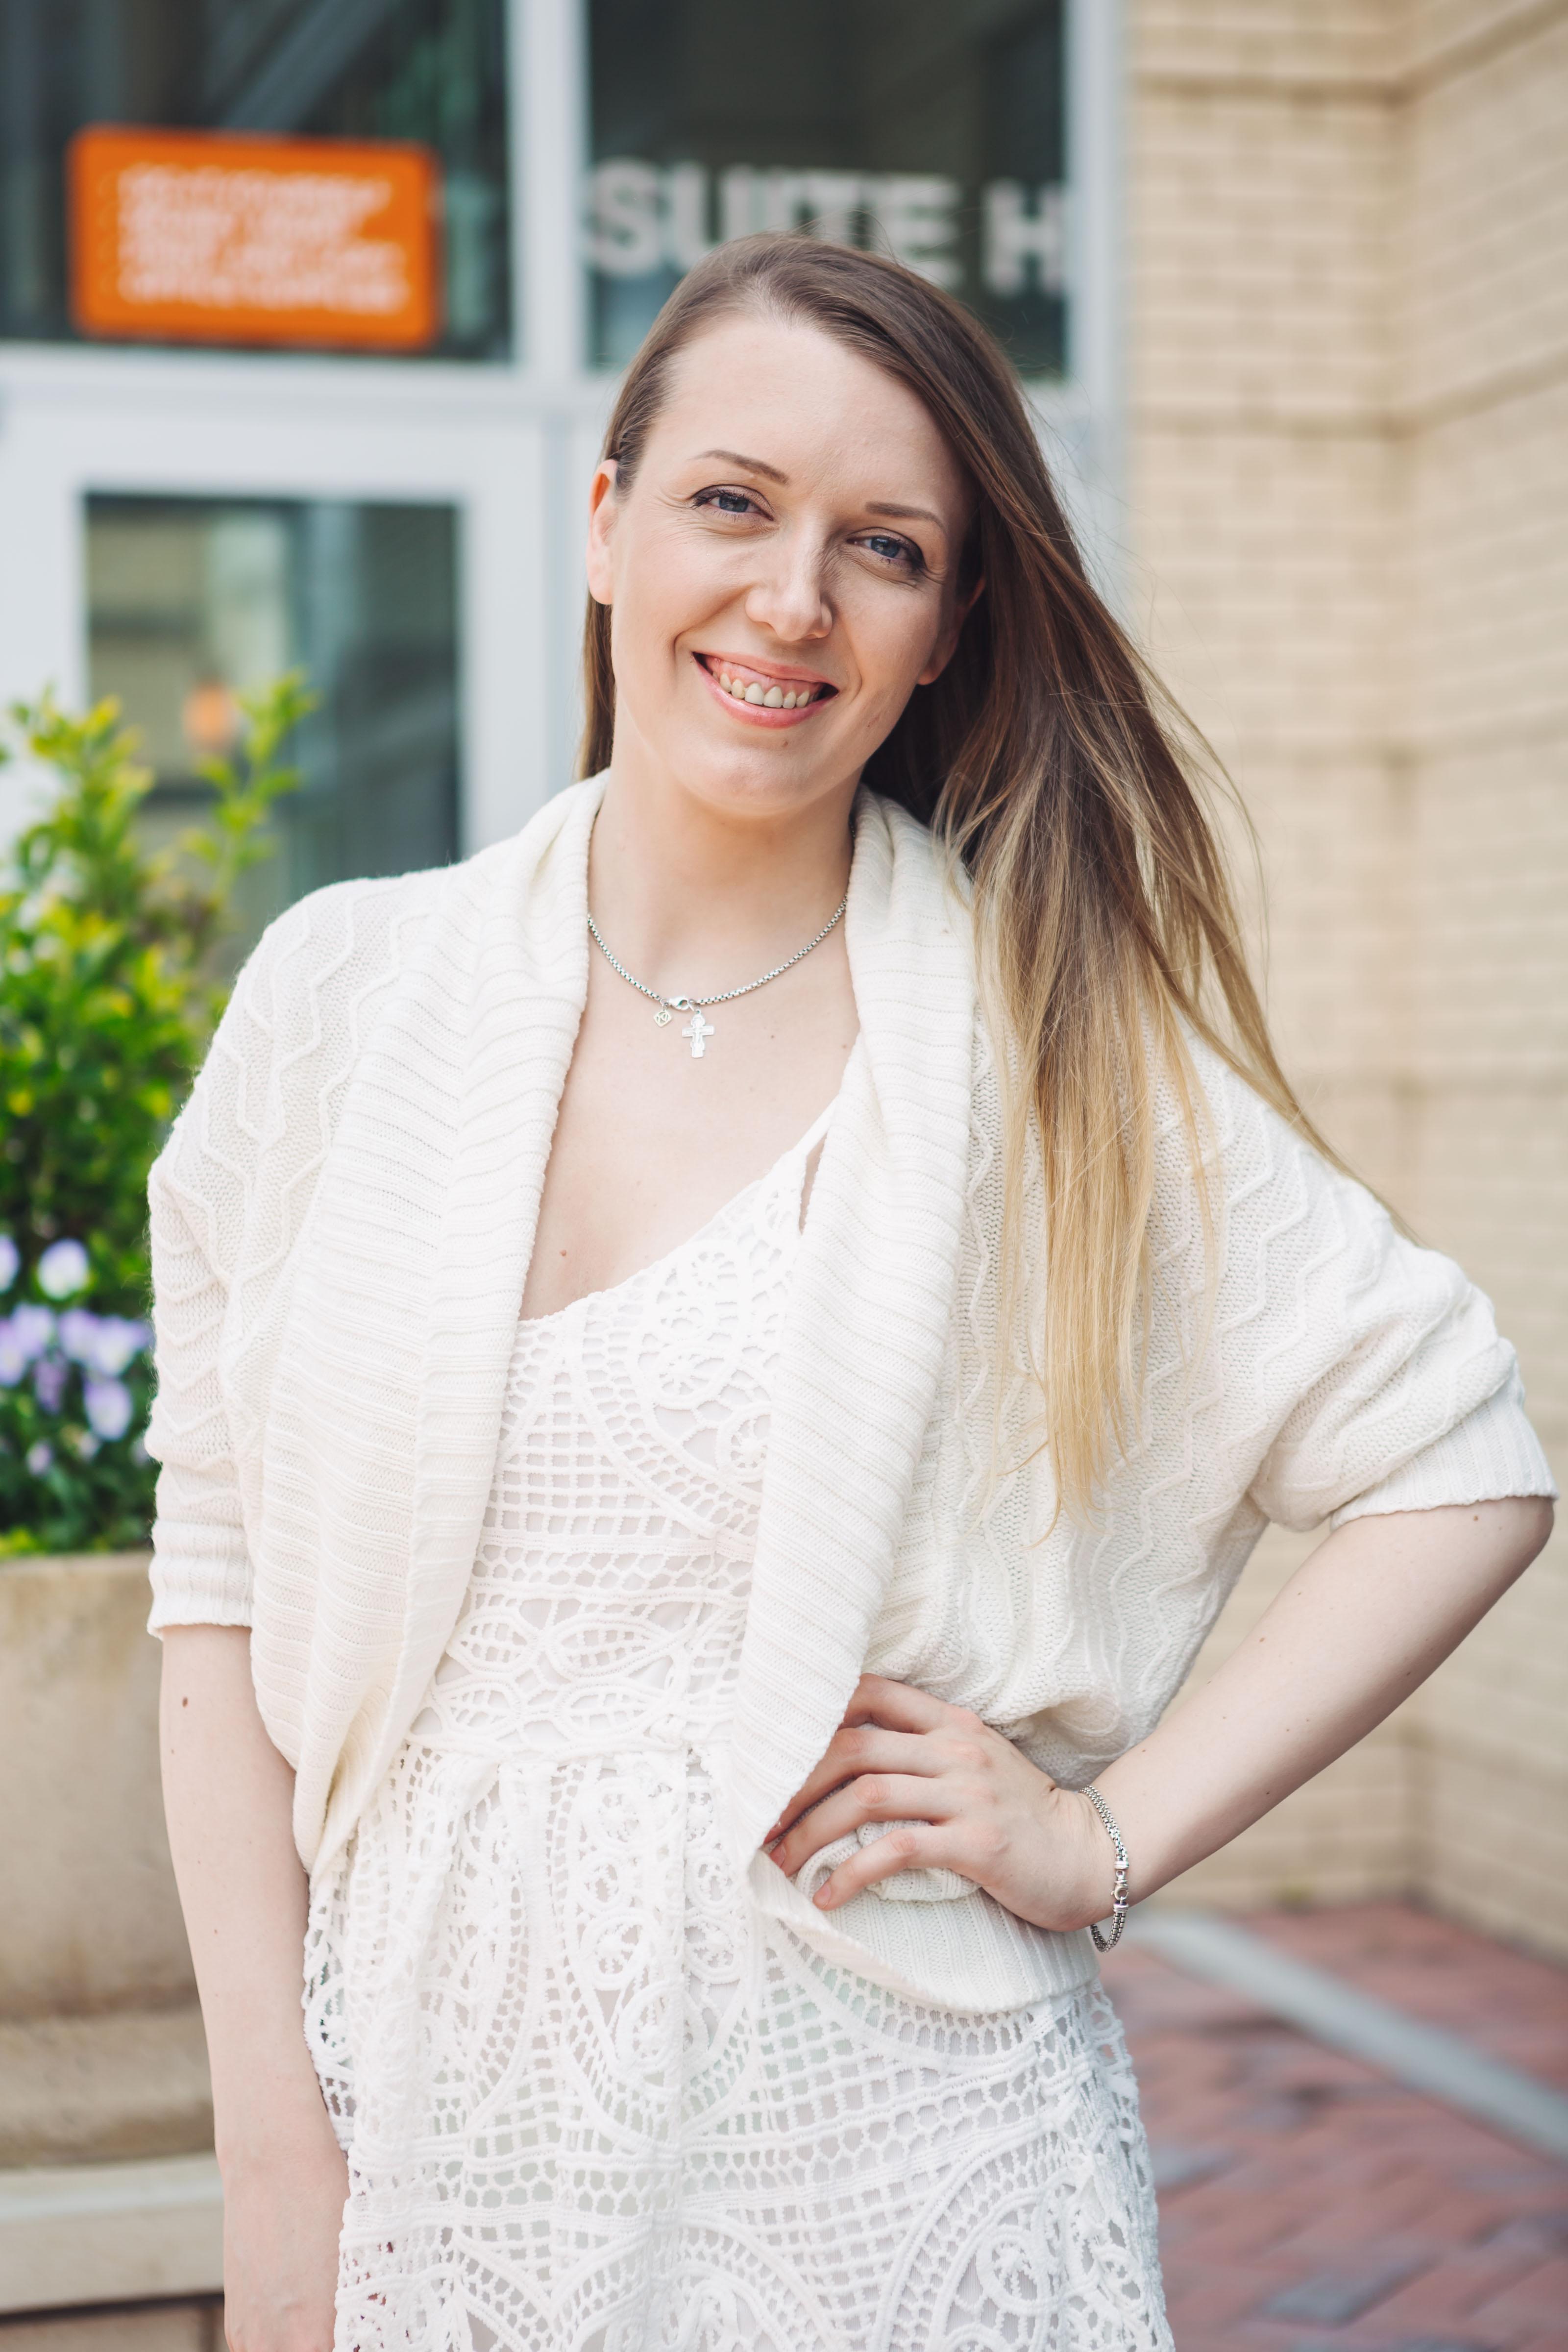 Anastasia Krapivina